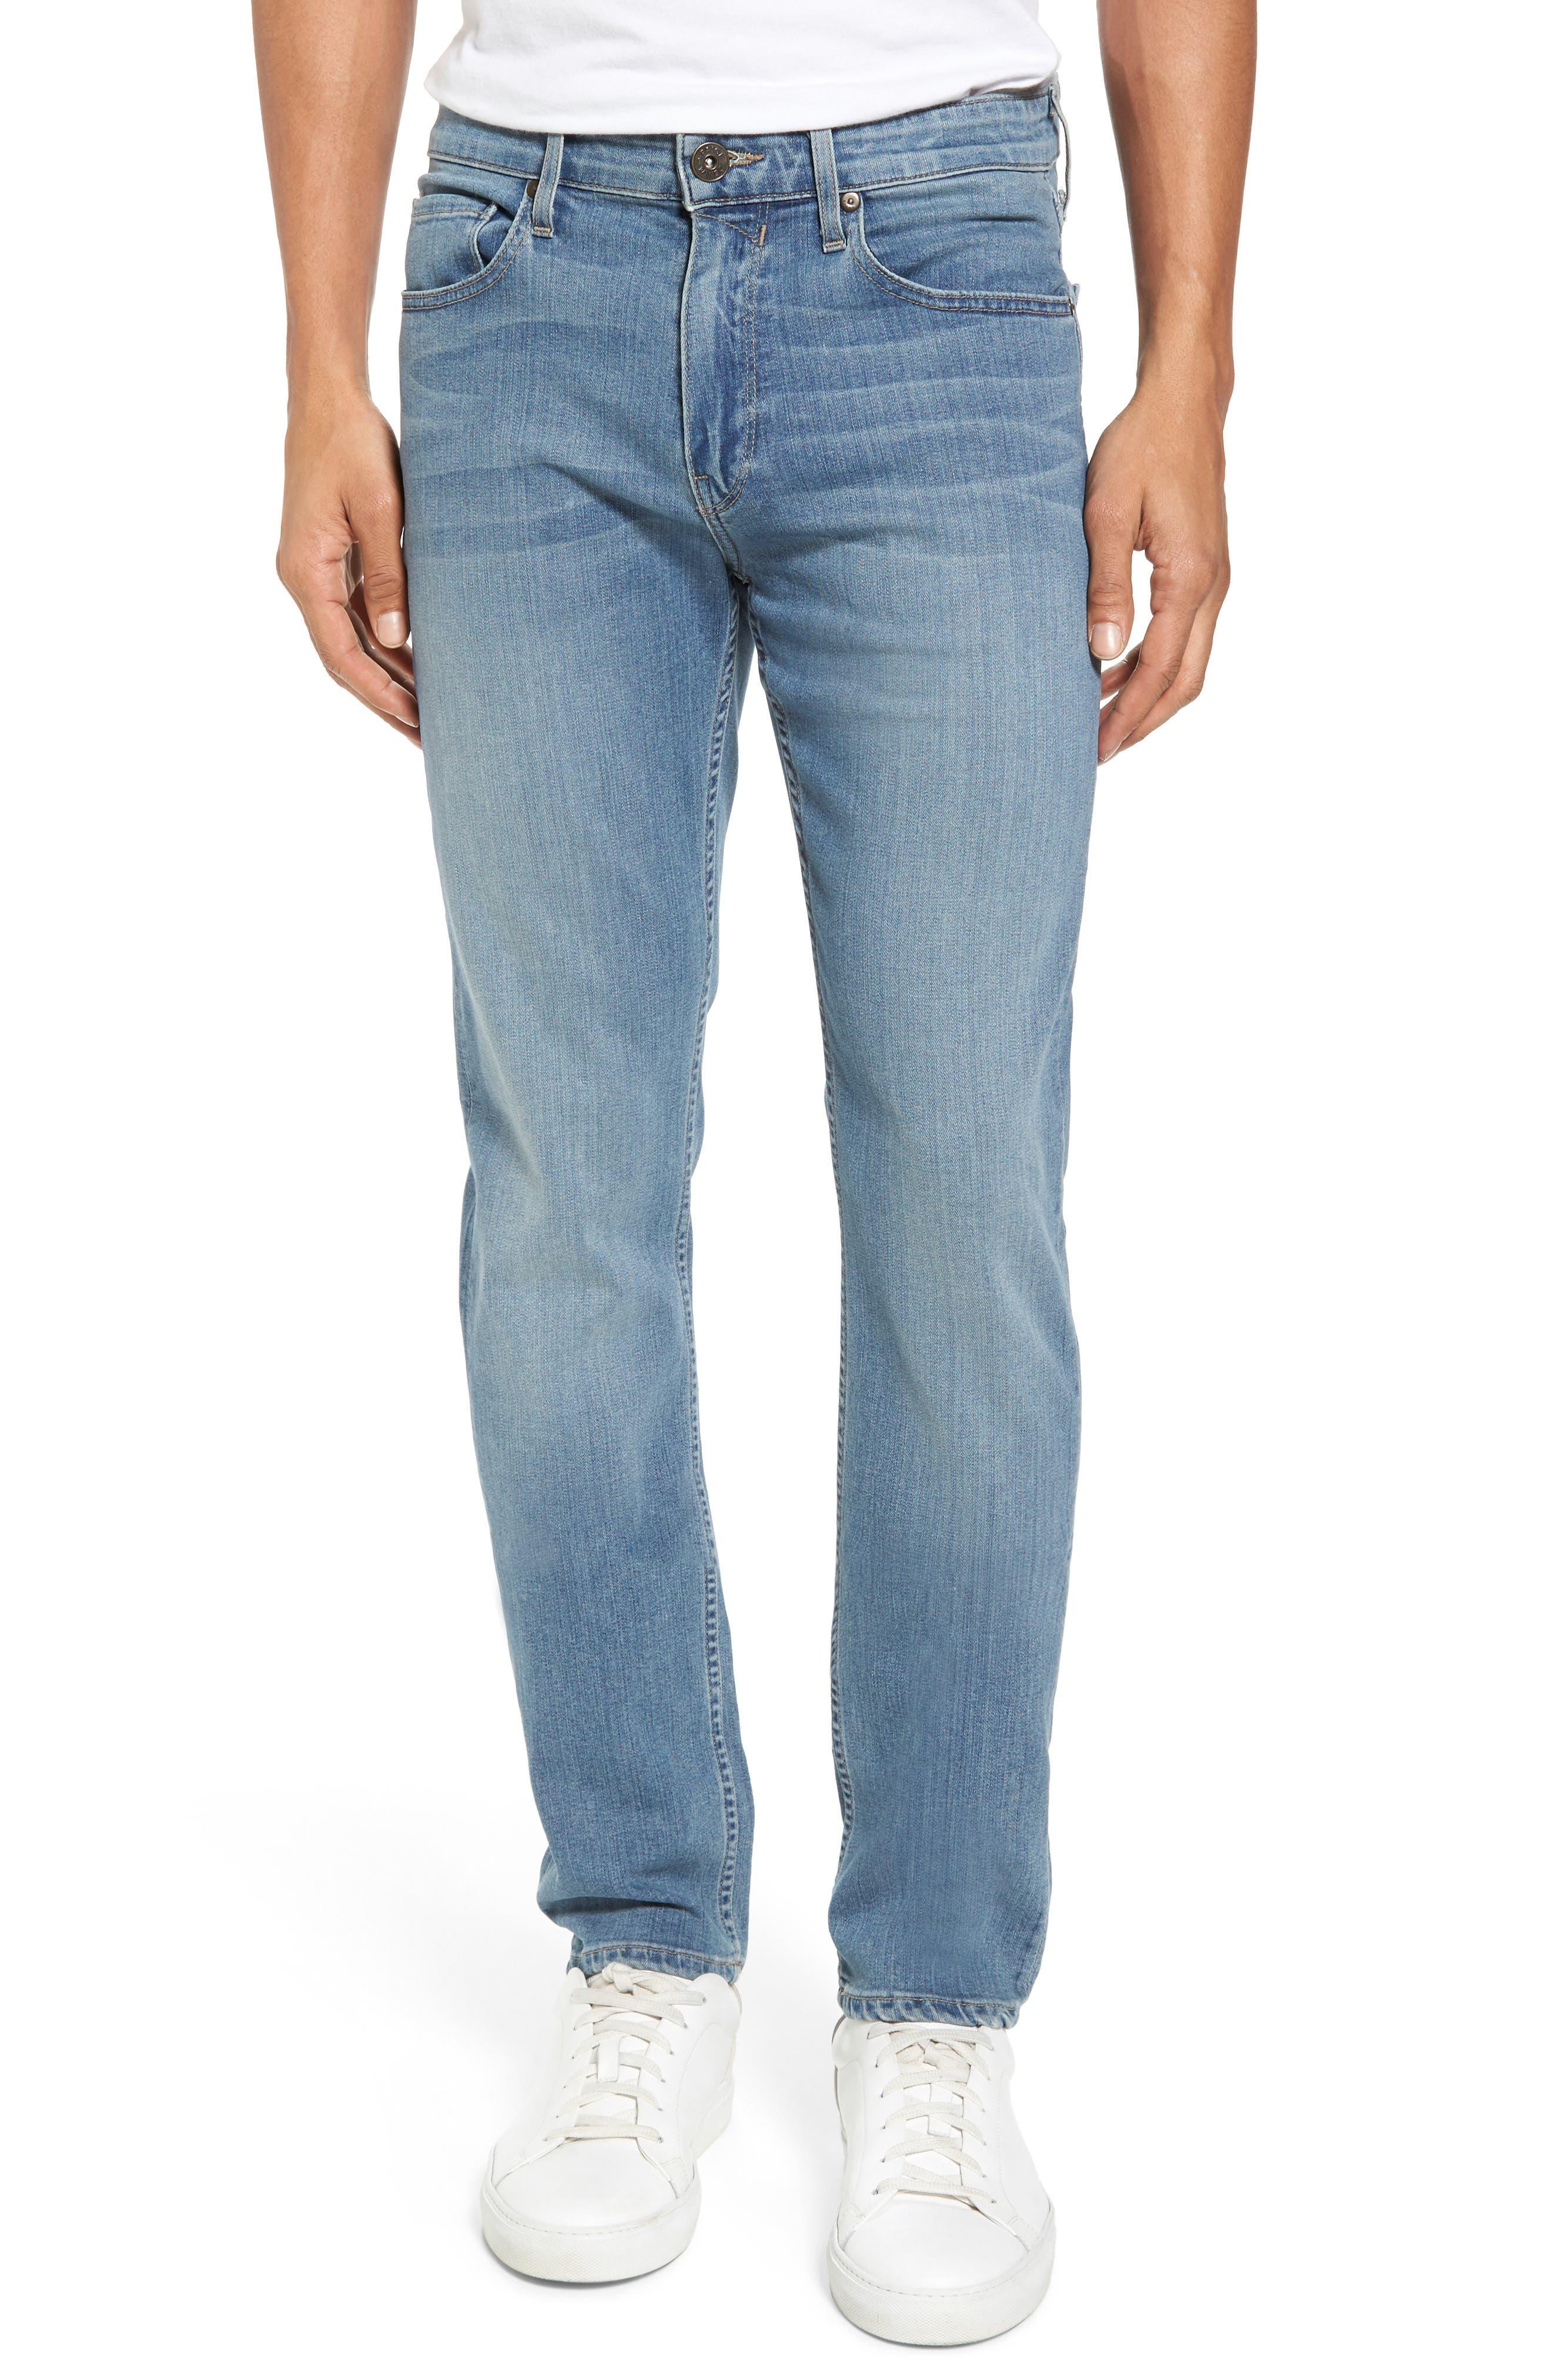 Transcend - Lennox Slim Fit Jeans,                         Main,                         color, Liam